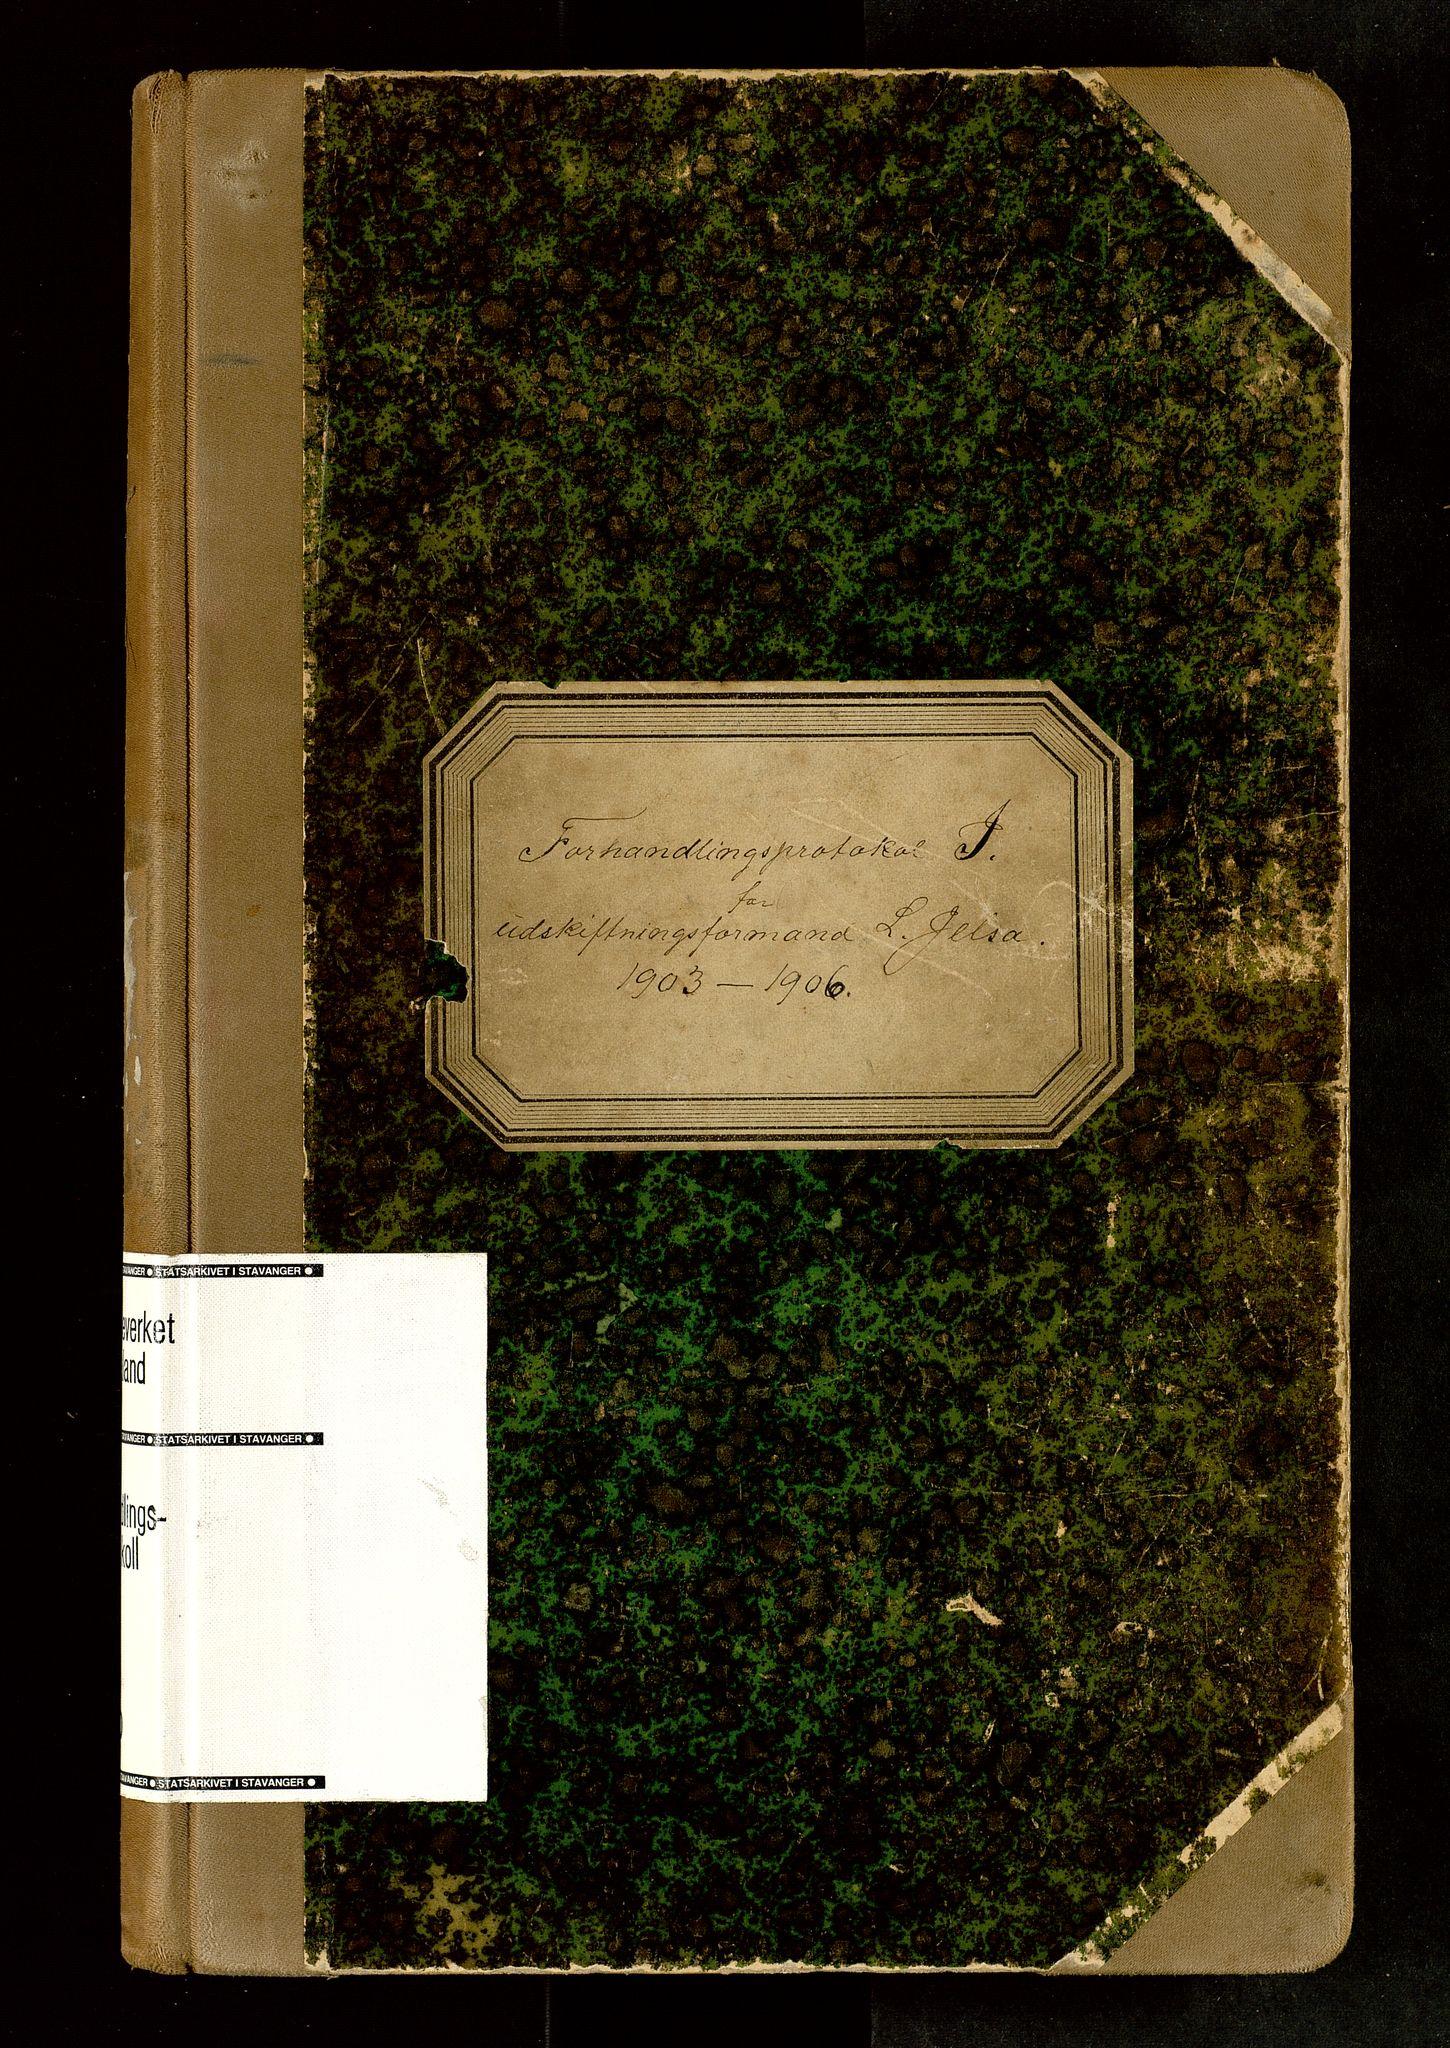 SAST, Rogaland jordskifterett, Oa/L0060: Forhandlingsprotokoll, 1903-1906